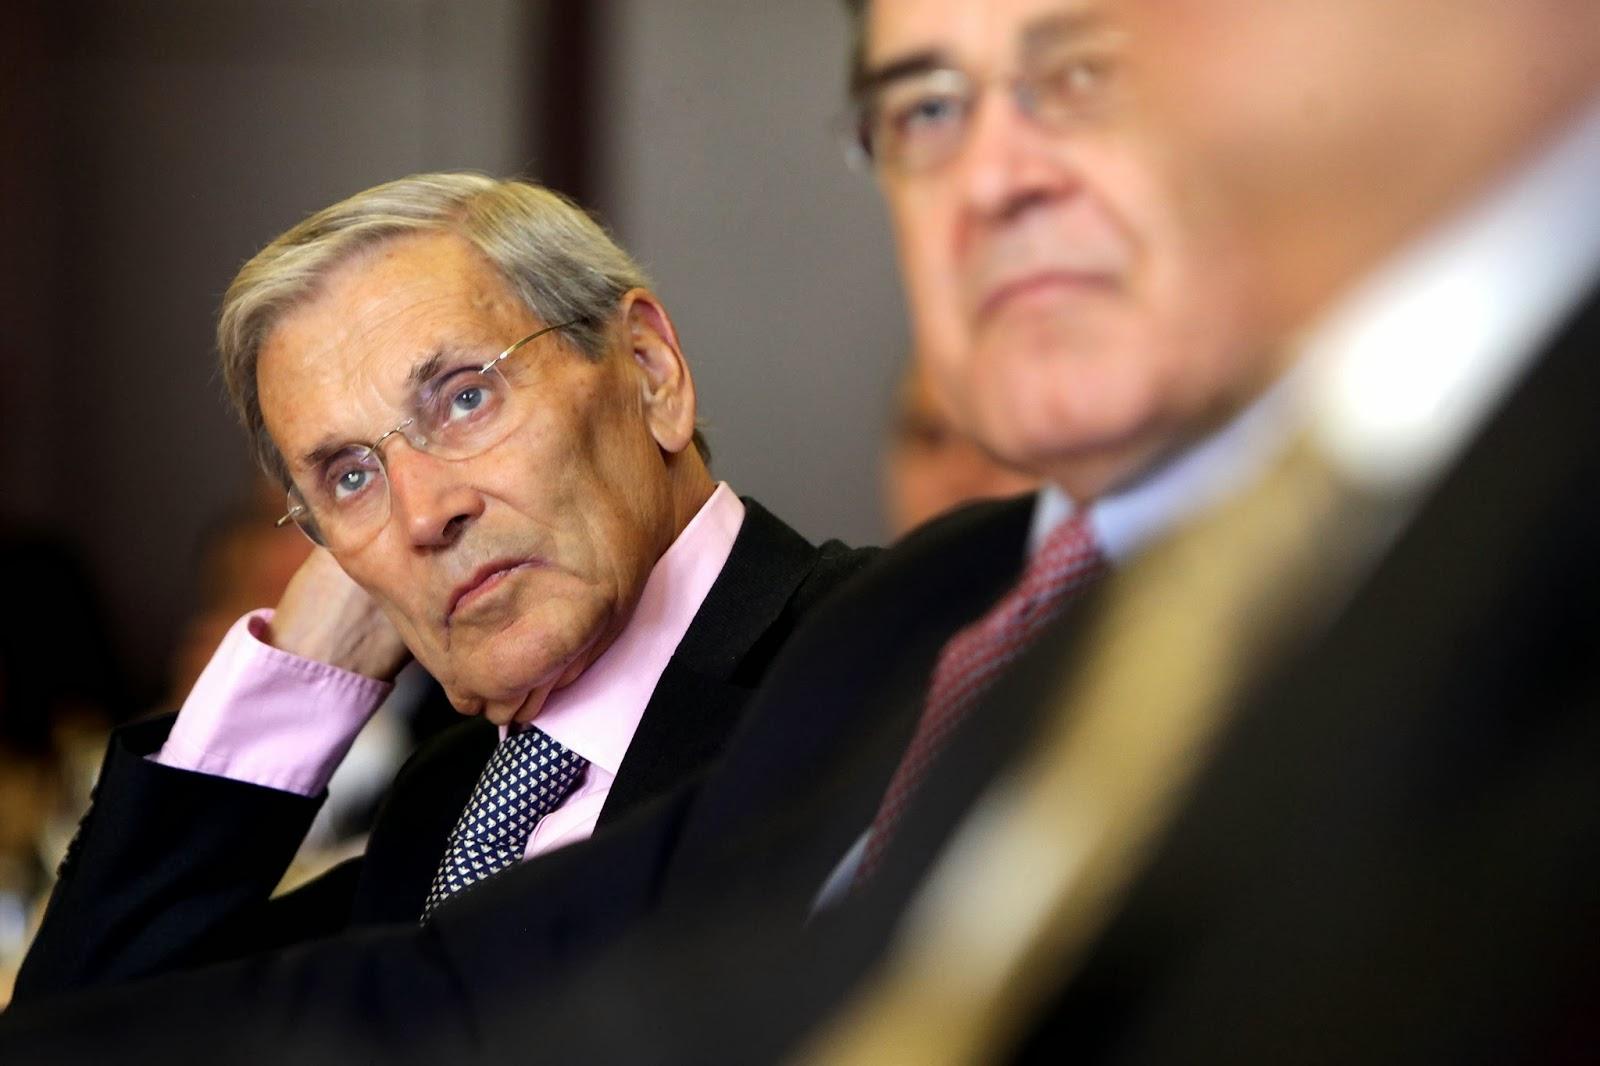 Fotografia de Belmiro de Azevedo, chairman da SONAE